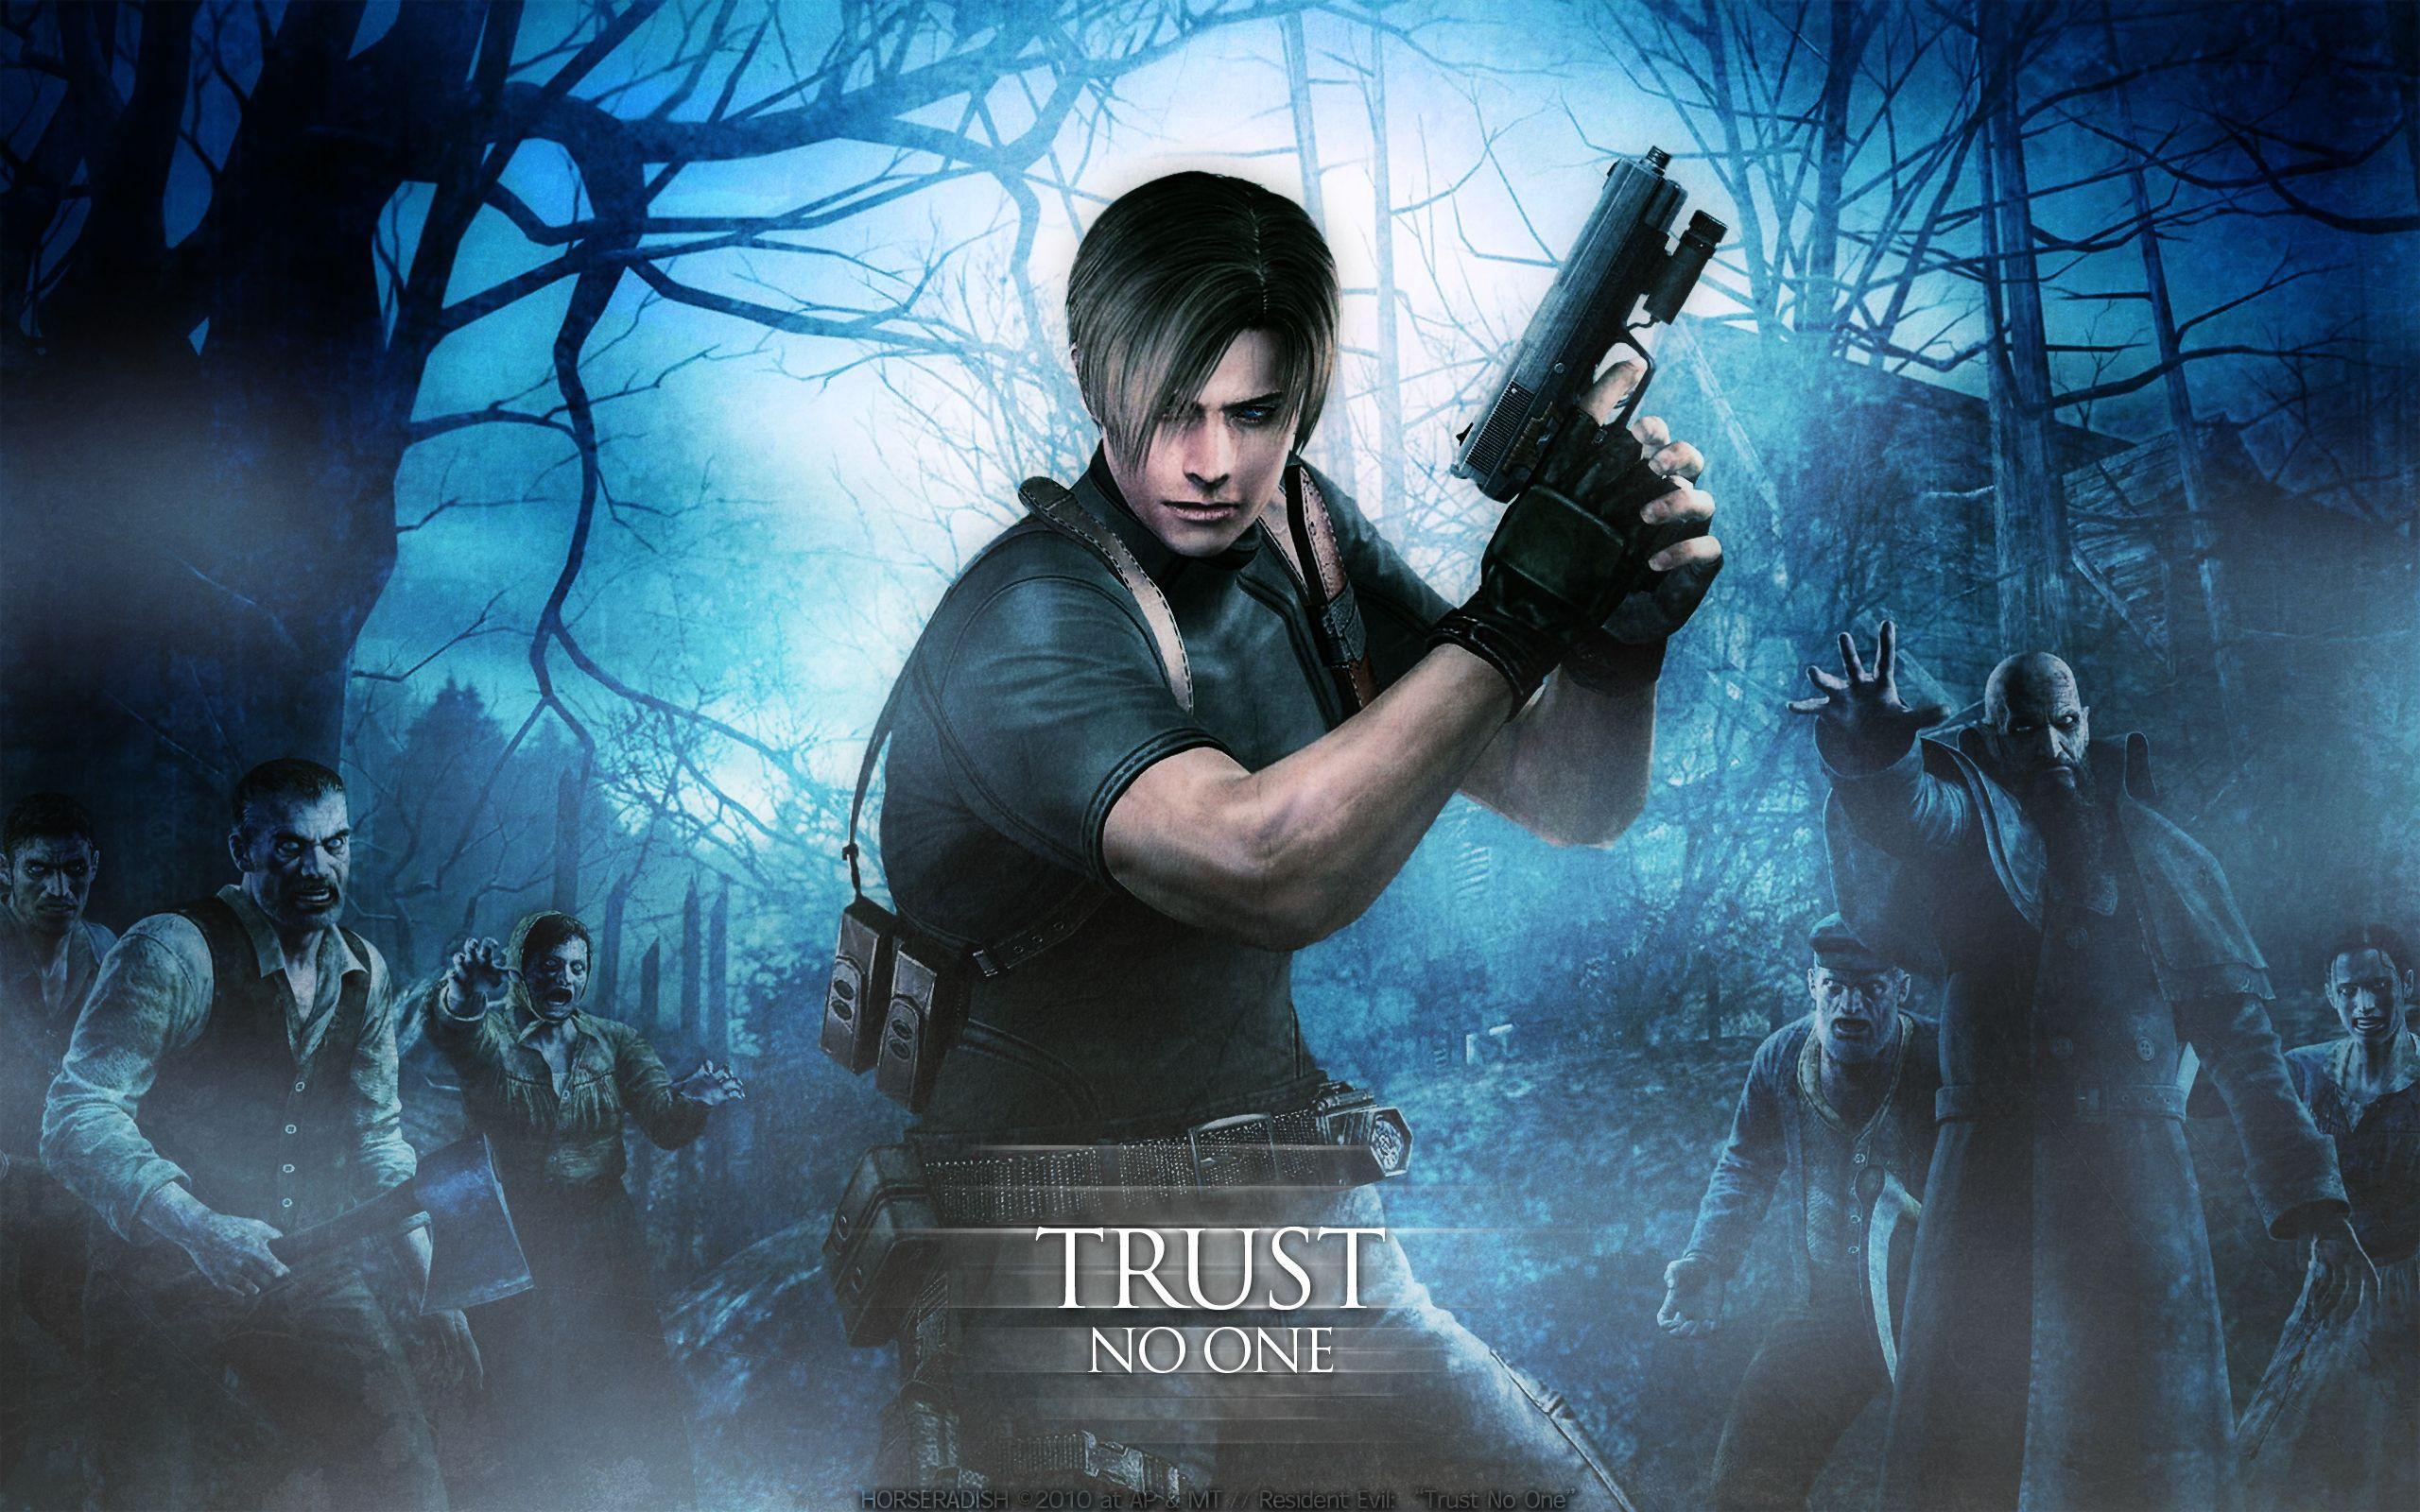 Resident Evil 4 Wallpaper In 2020 Resident Evil Game Resident Evil Movie Resident Evil